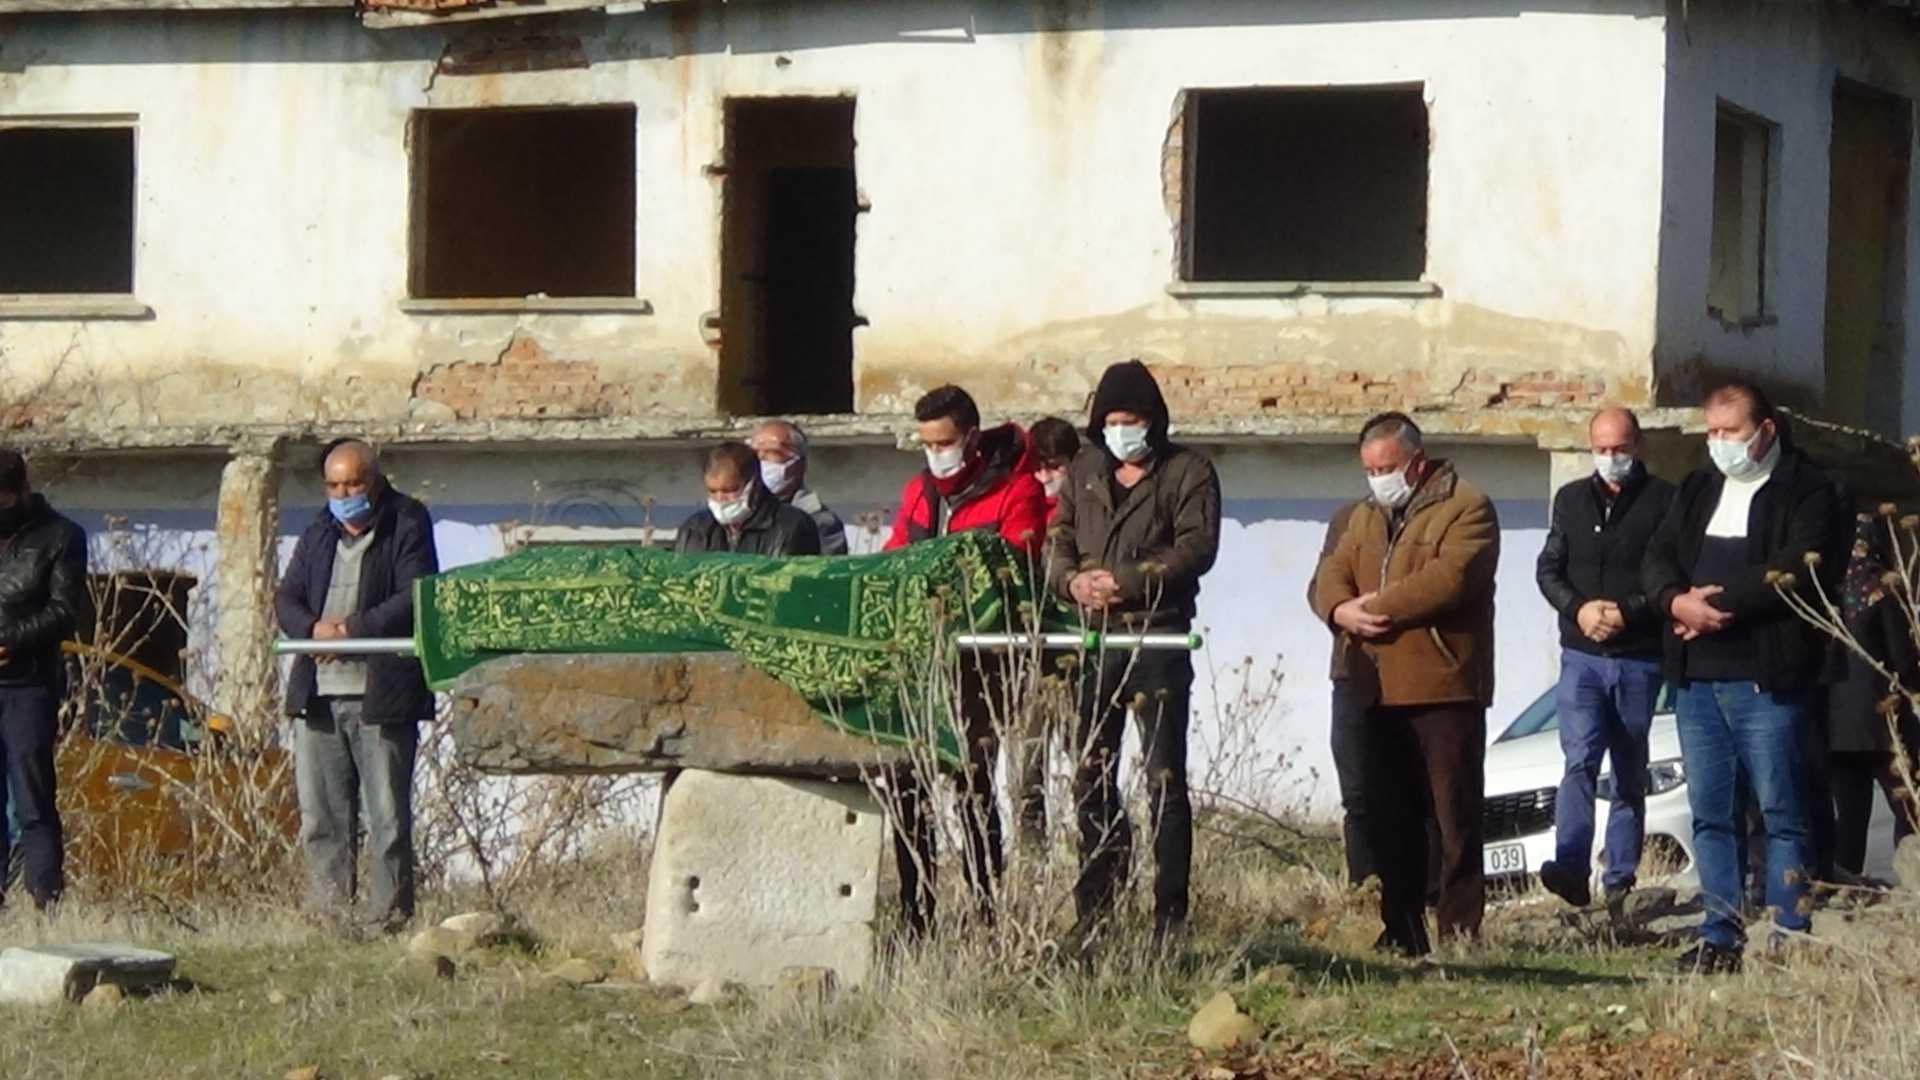 Polisi şehit eden katil zanlısı Muhammet Karataş, güvenlik önlemleri altında Isparta'da defnedildi